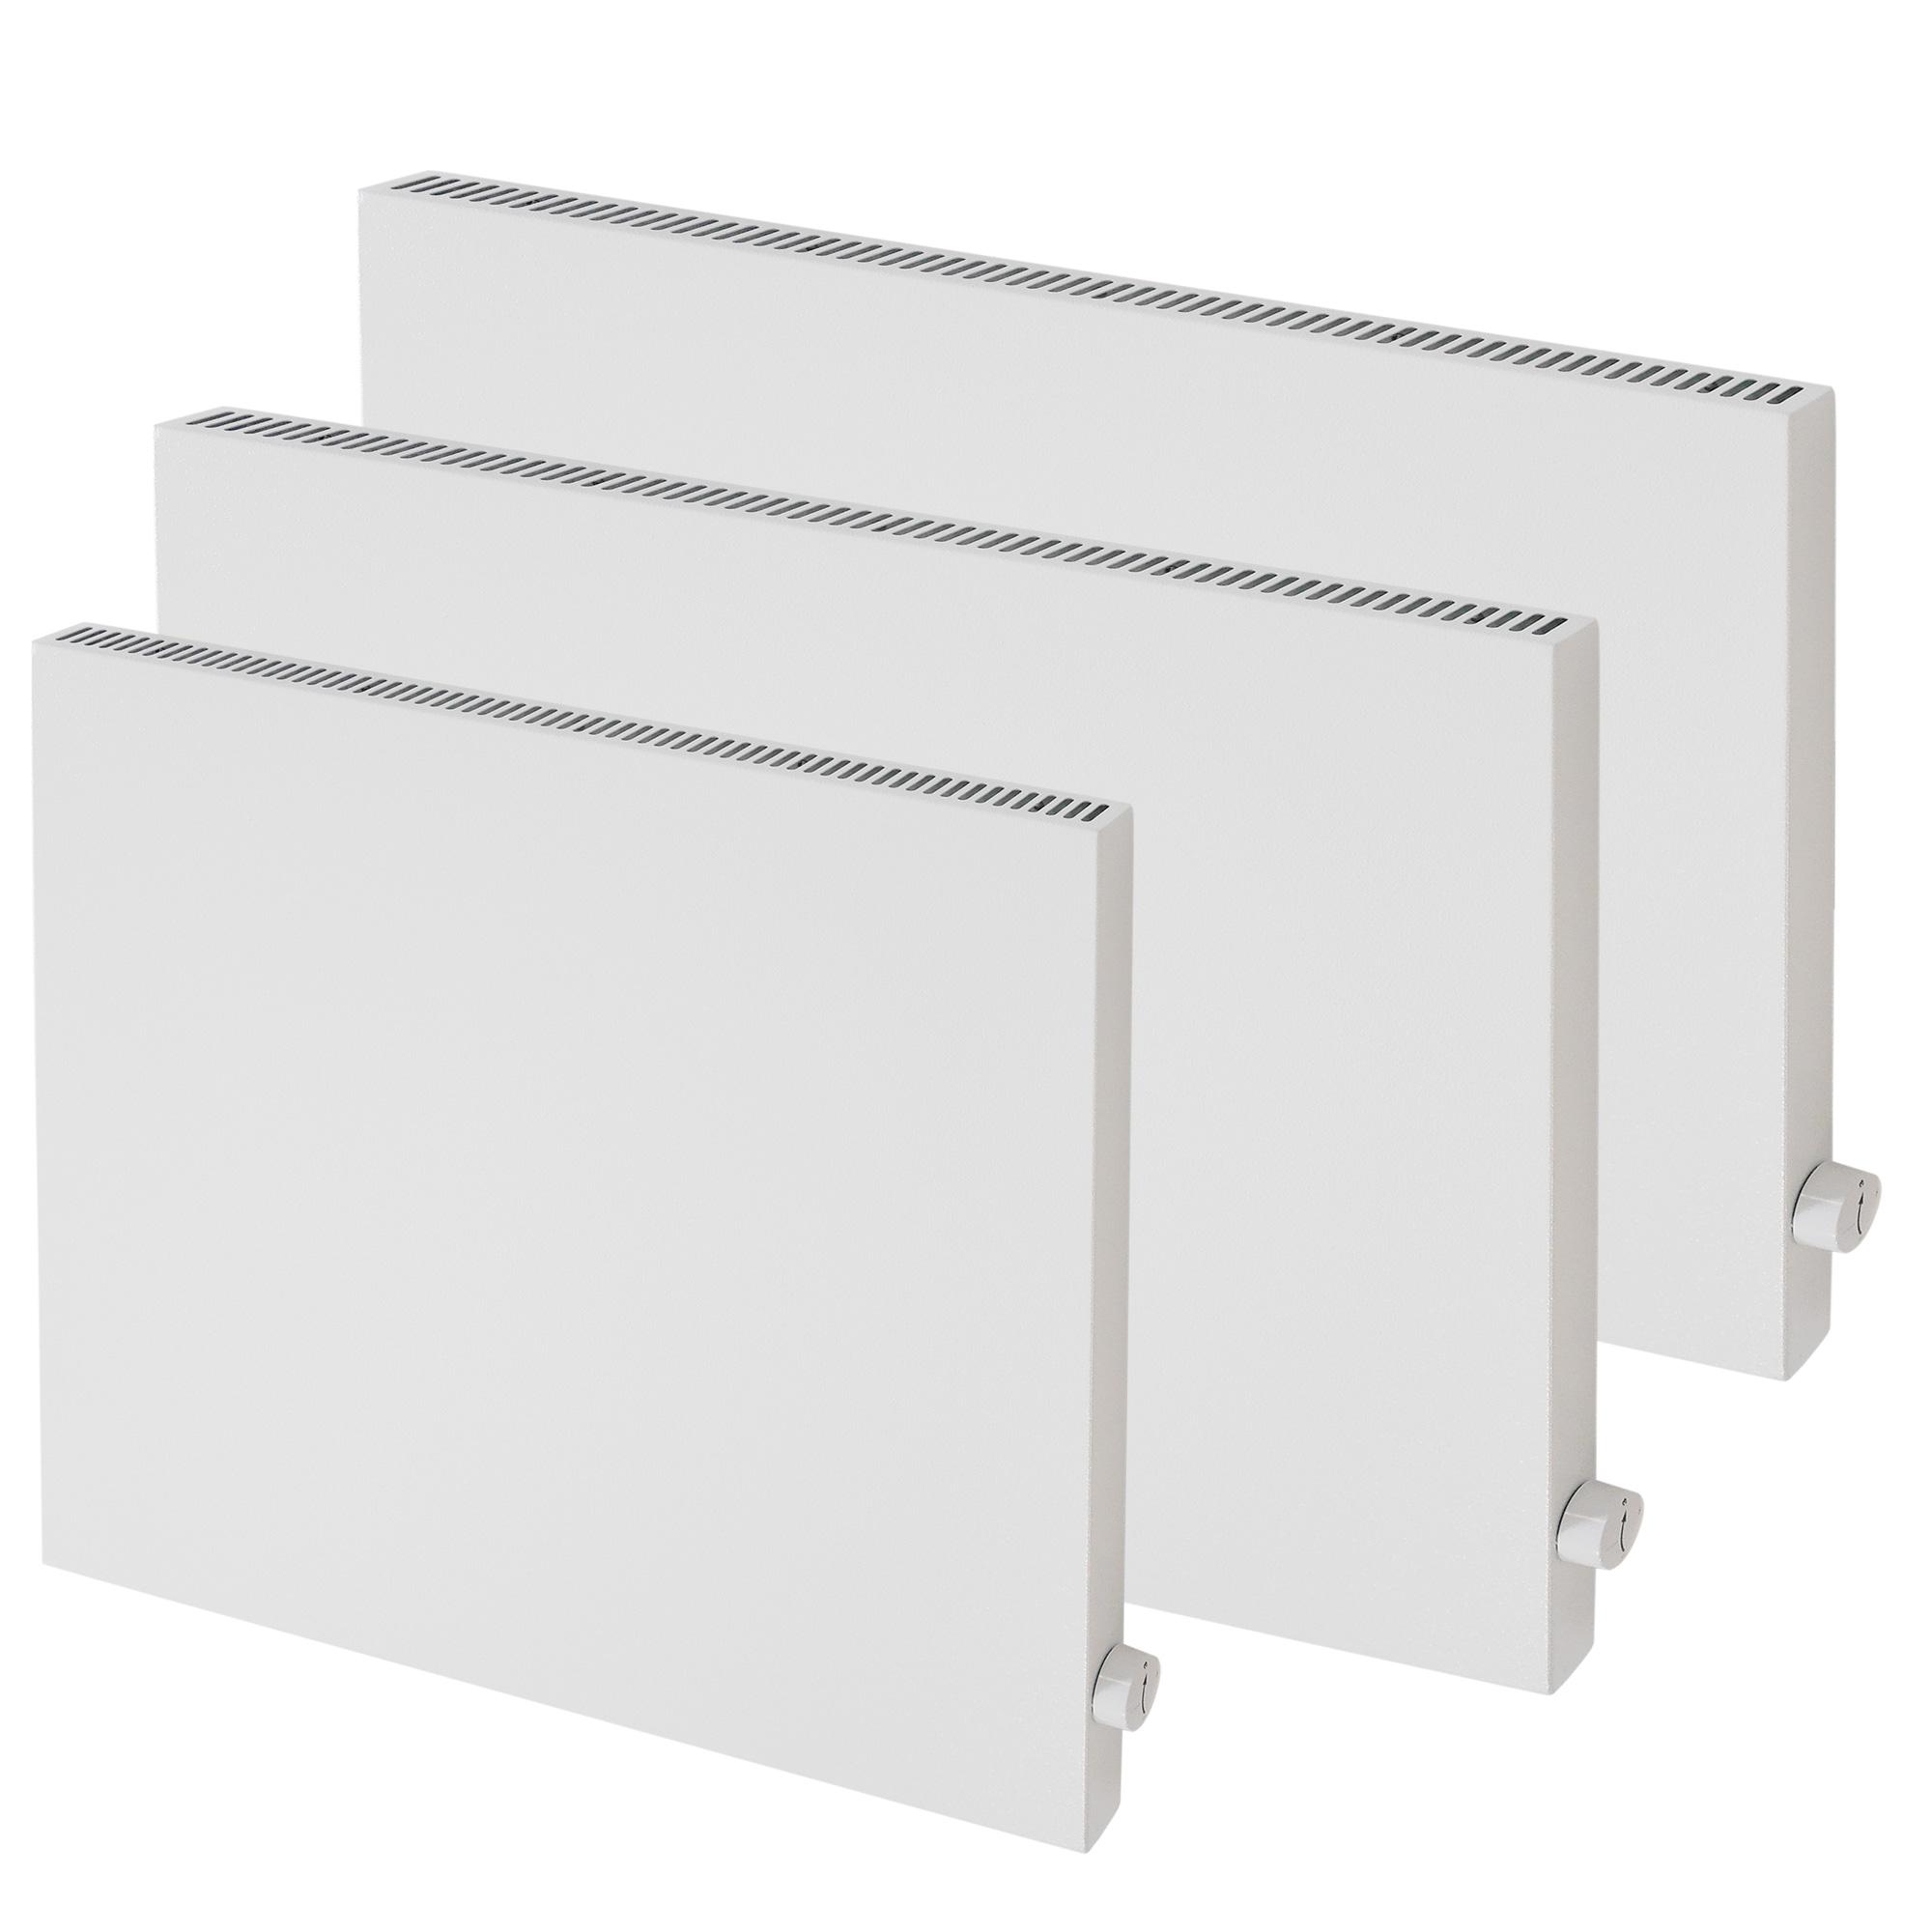 Konvi Infrarotheizung mit Thermostat in unterschiedlichen Größen